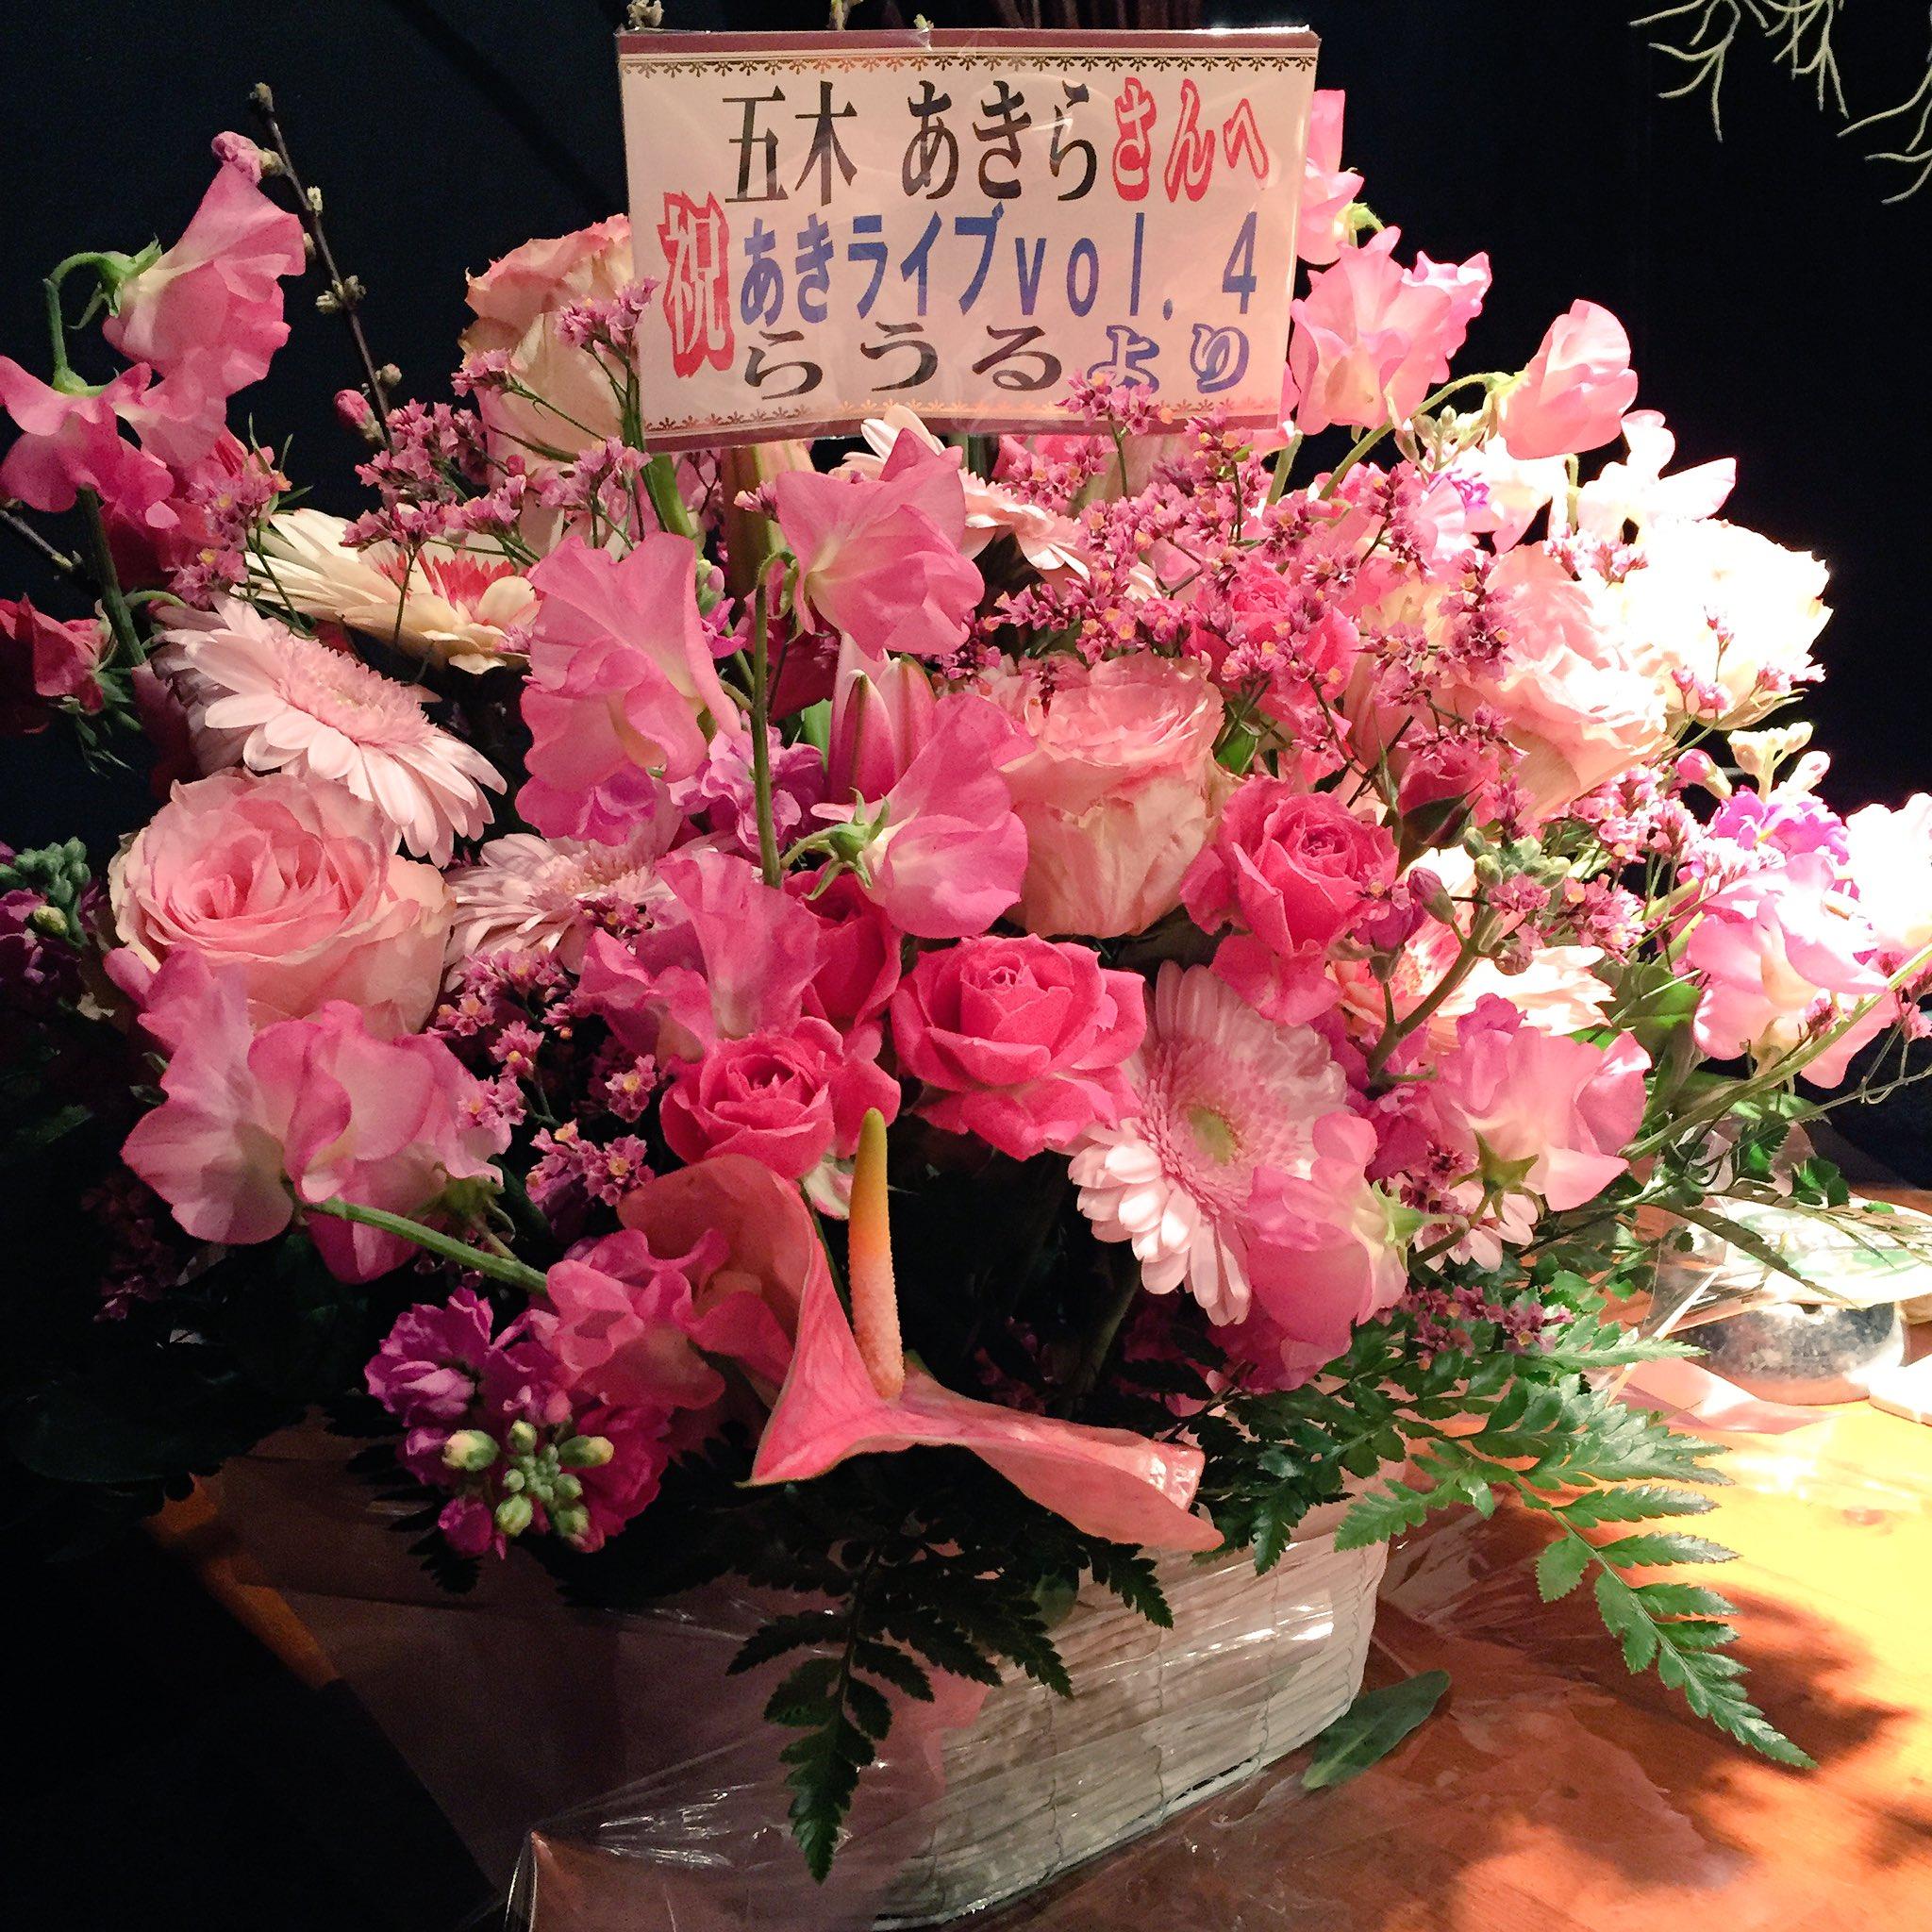 画像,お花や色紙や差し入れやお手紙もありがとうございました!(∩´∀`∩)💕 https://t.co/jRSNCnidB1。